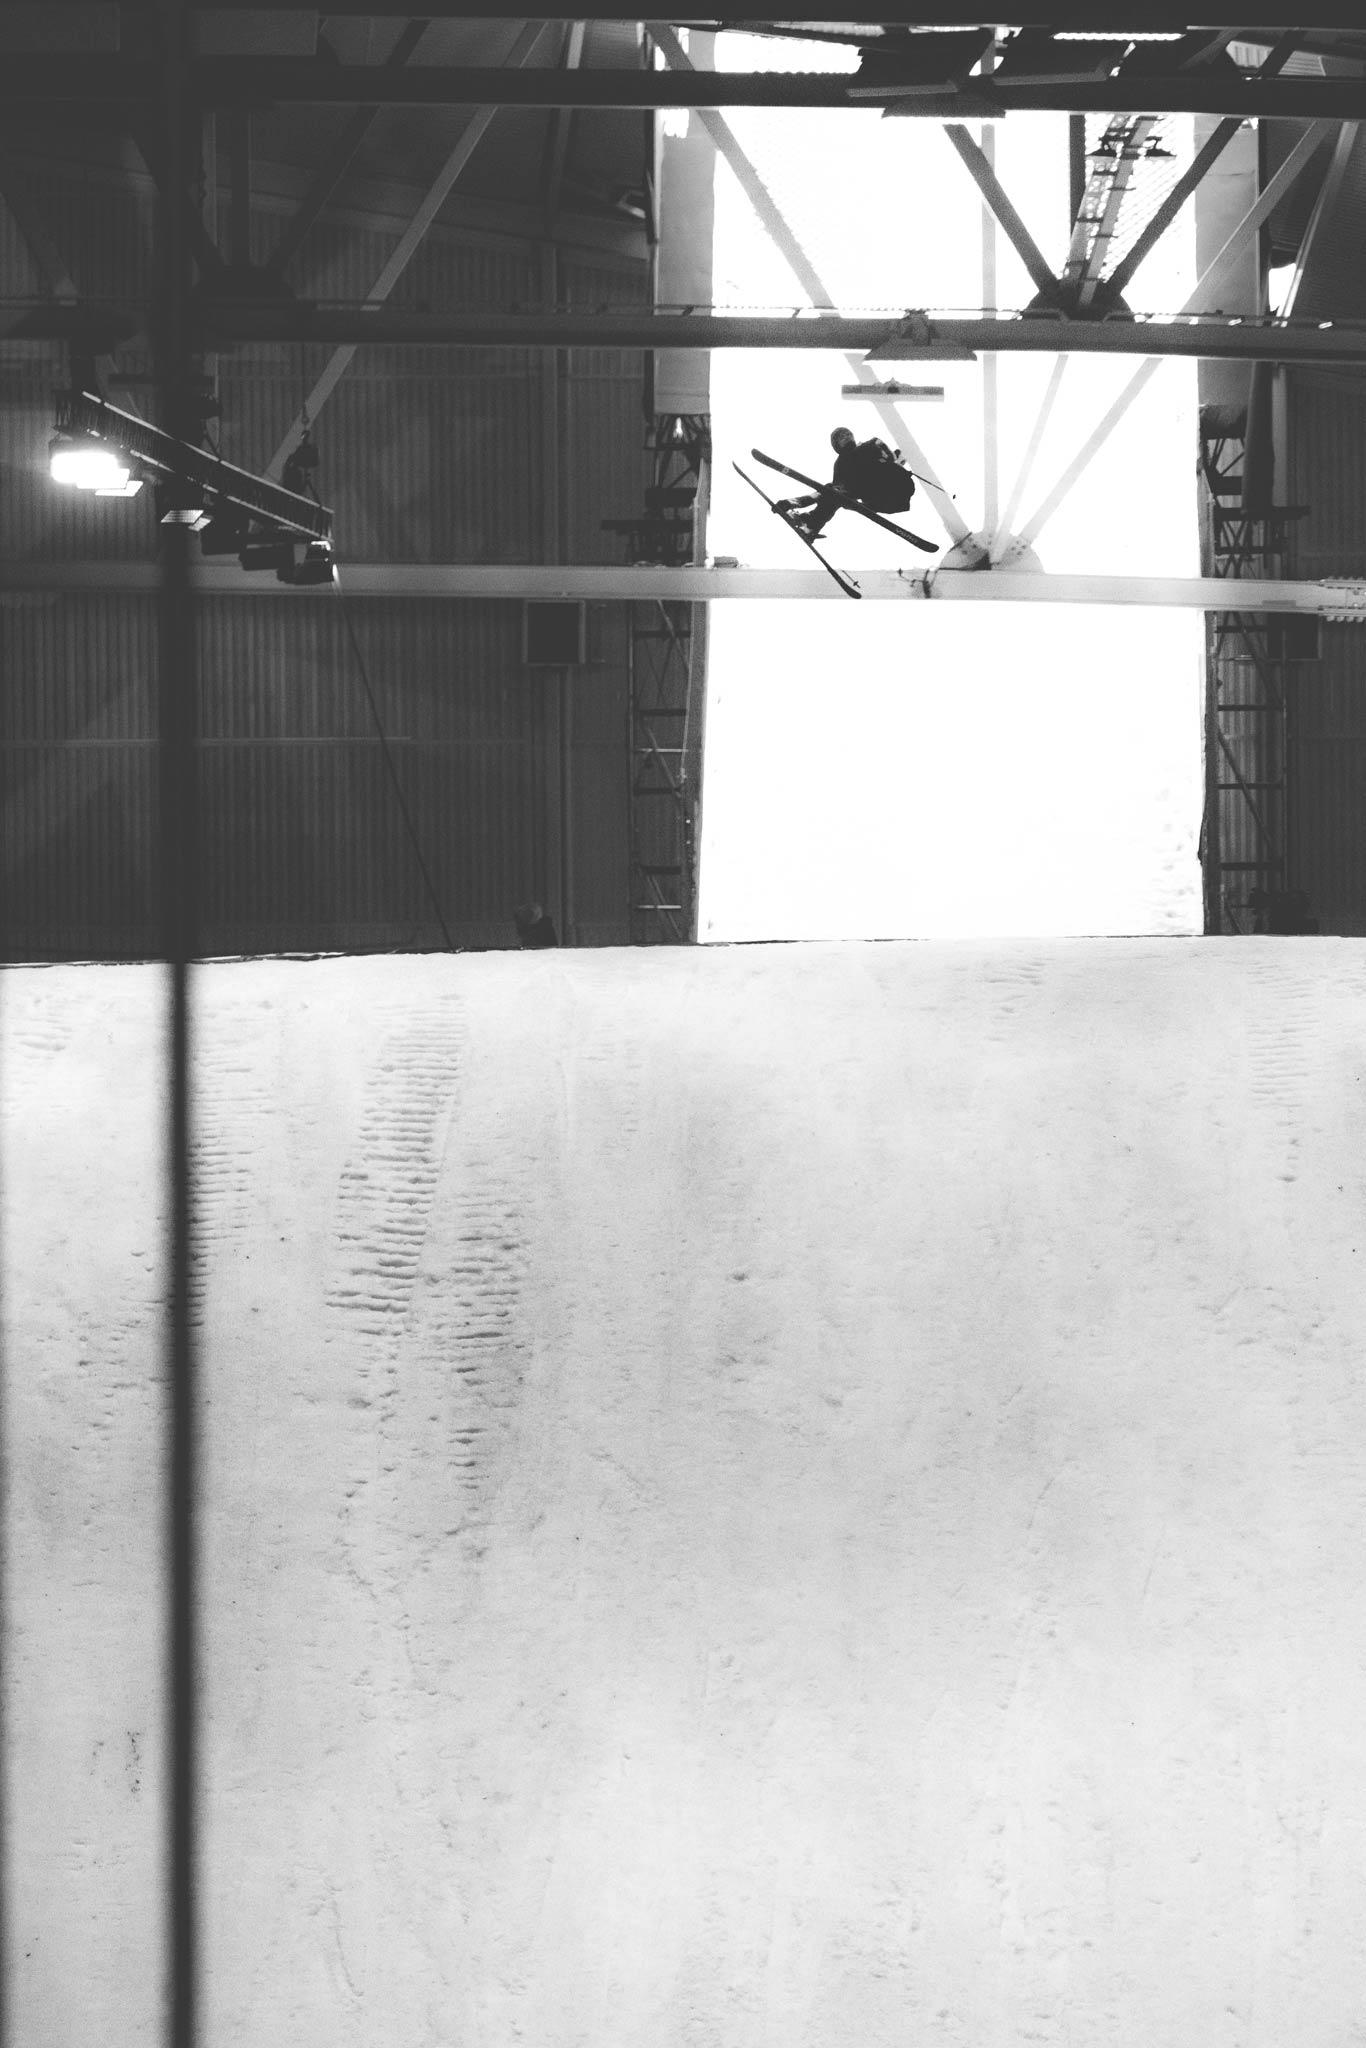 ABM bewies in Oslo, dass die Top-Freeski Athleten heutzutage auch auf Jumps dieser Größe Triples schmeißen können. - Foto: Jürgen Nigg